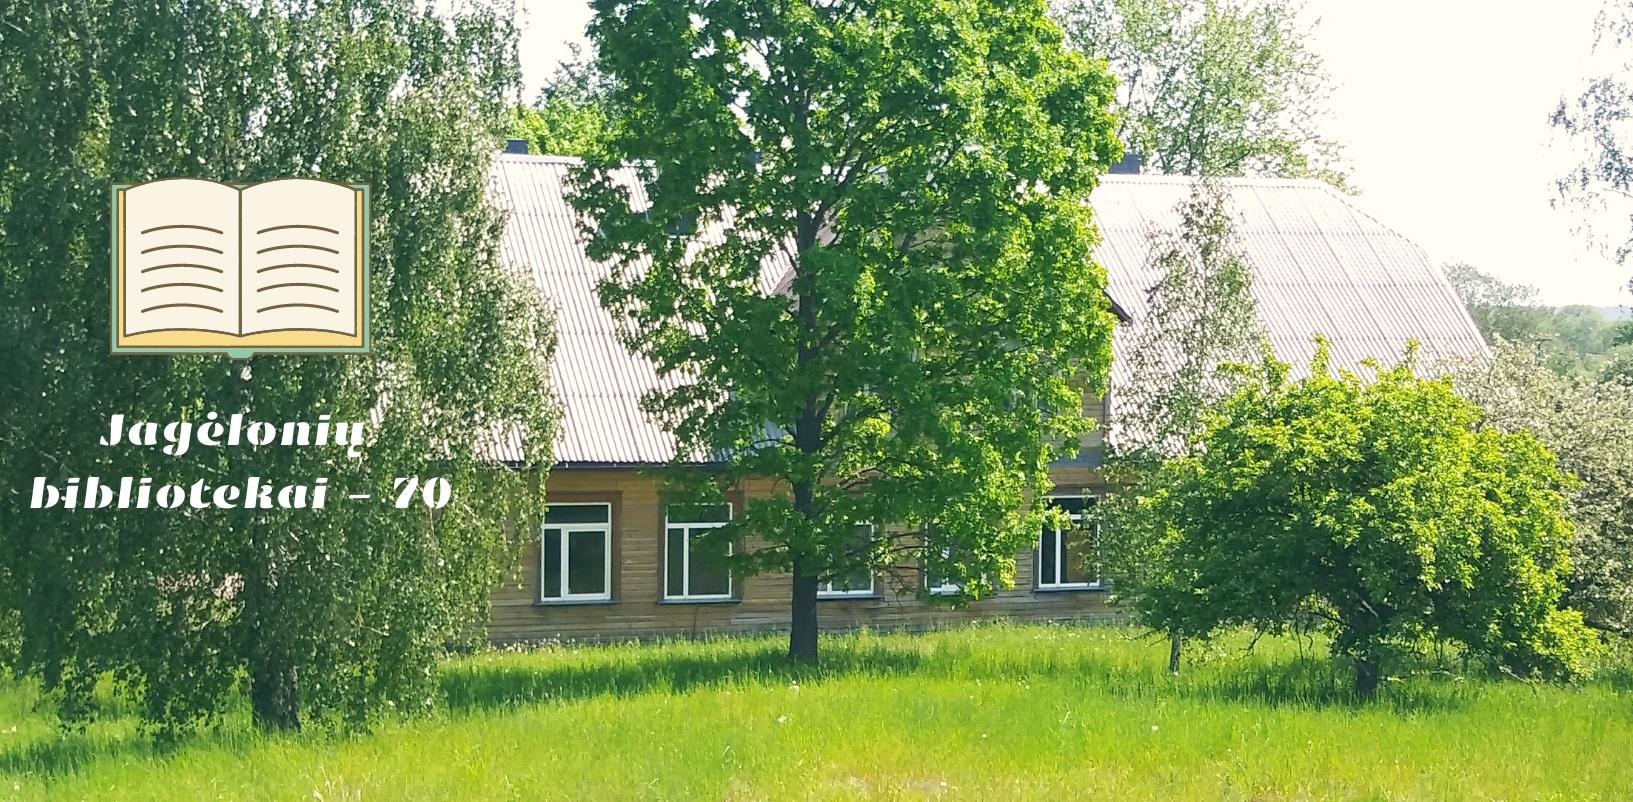 Jagėlonių bibliotekai – 70